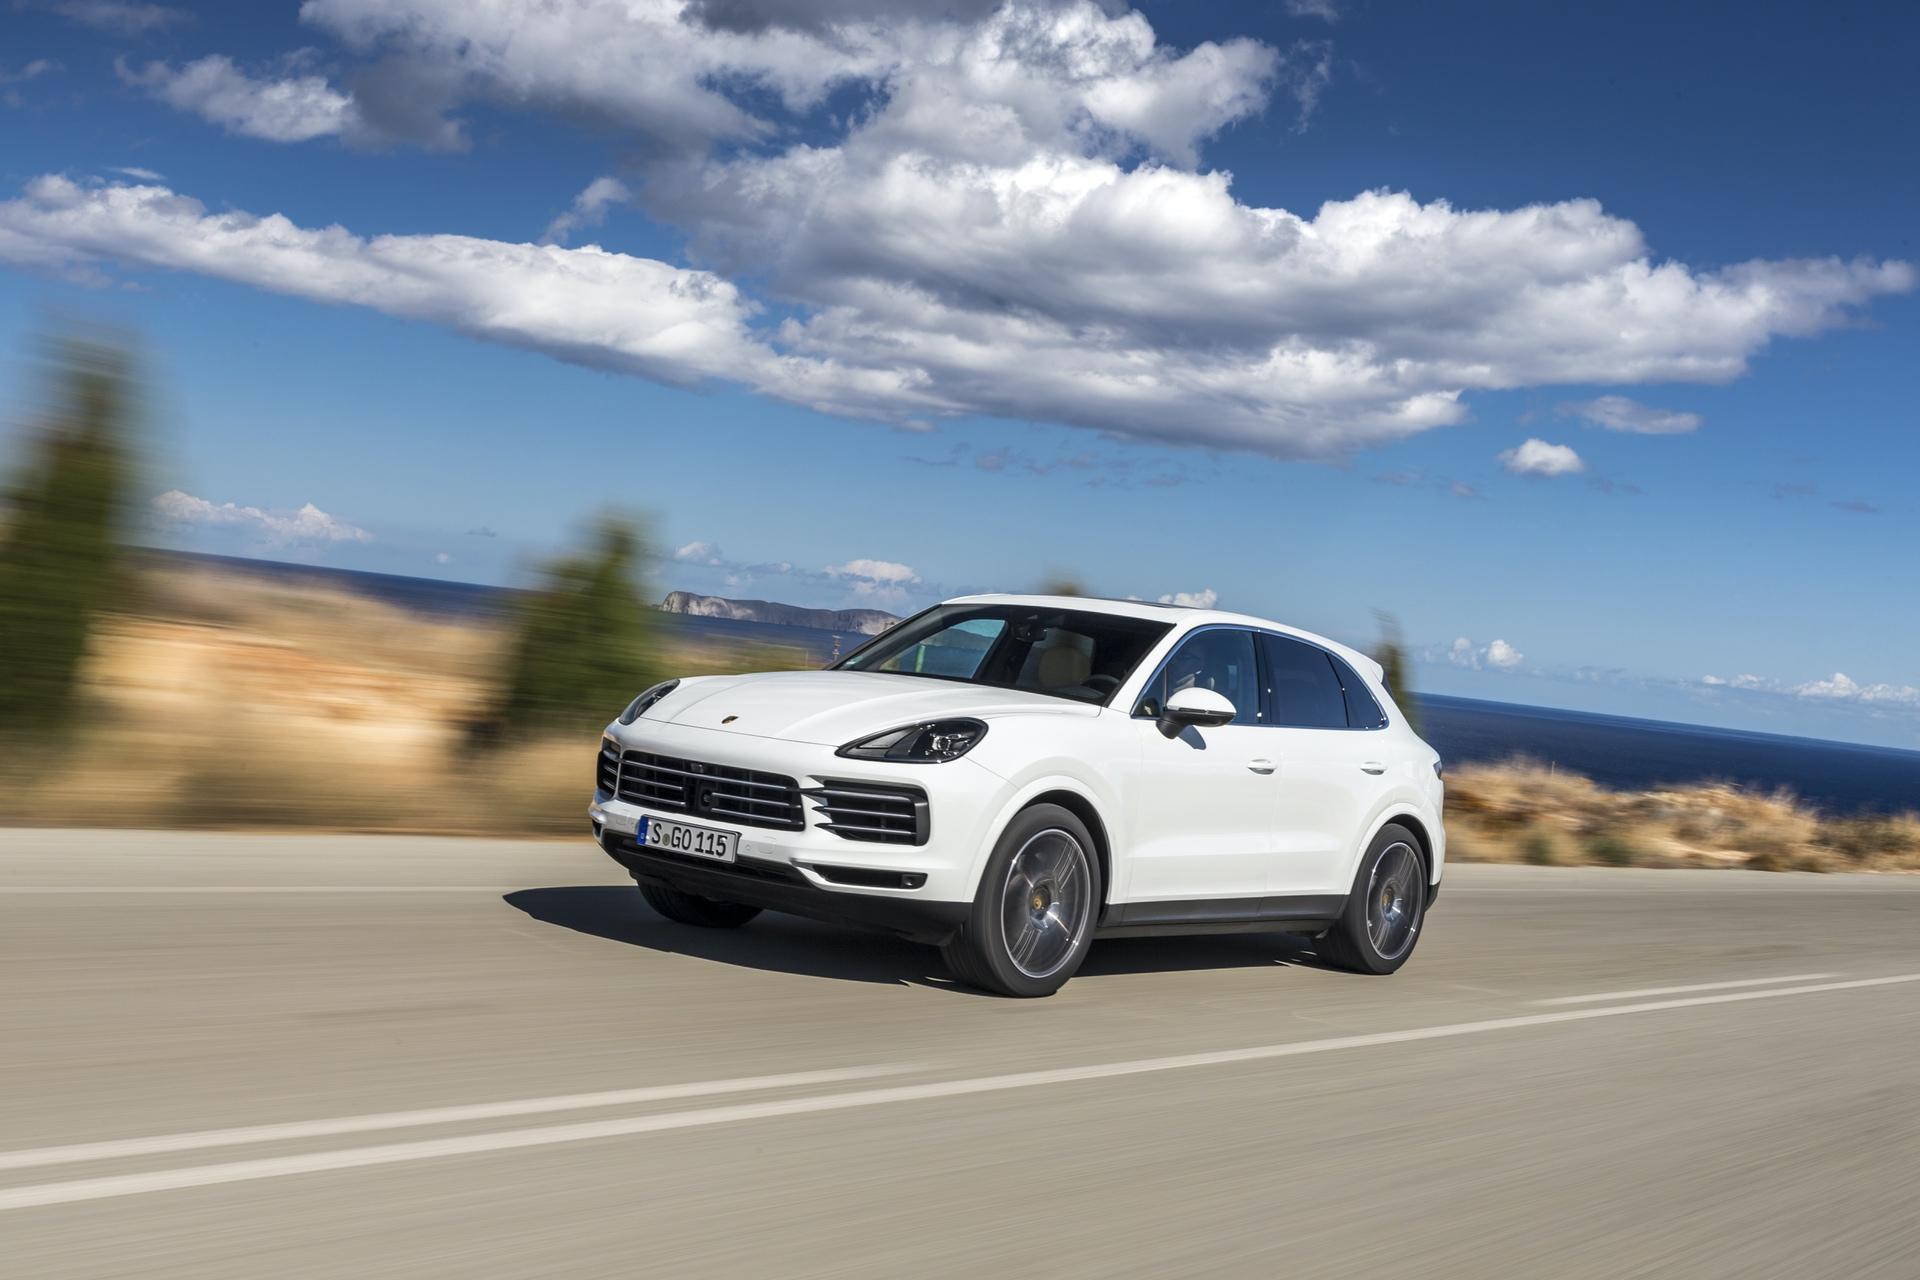 Test_Drive_Porsche_Cayenne_336